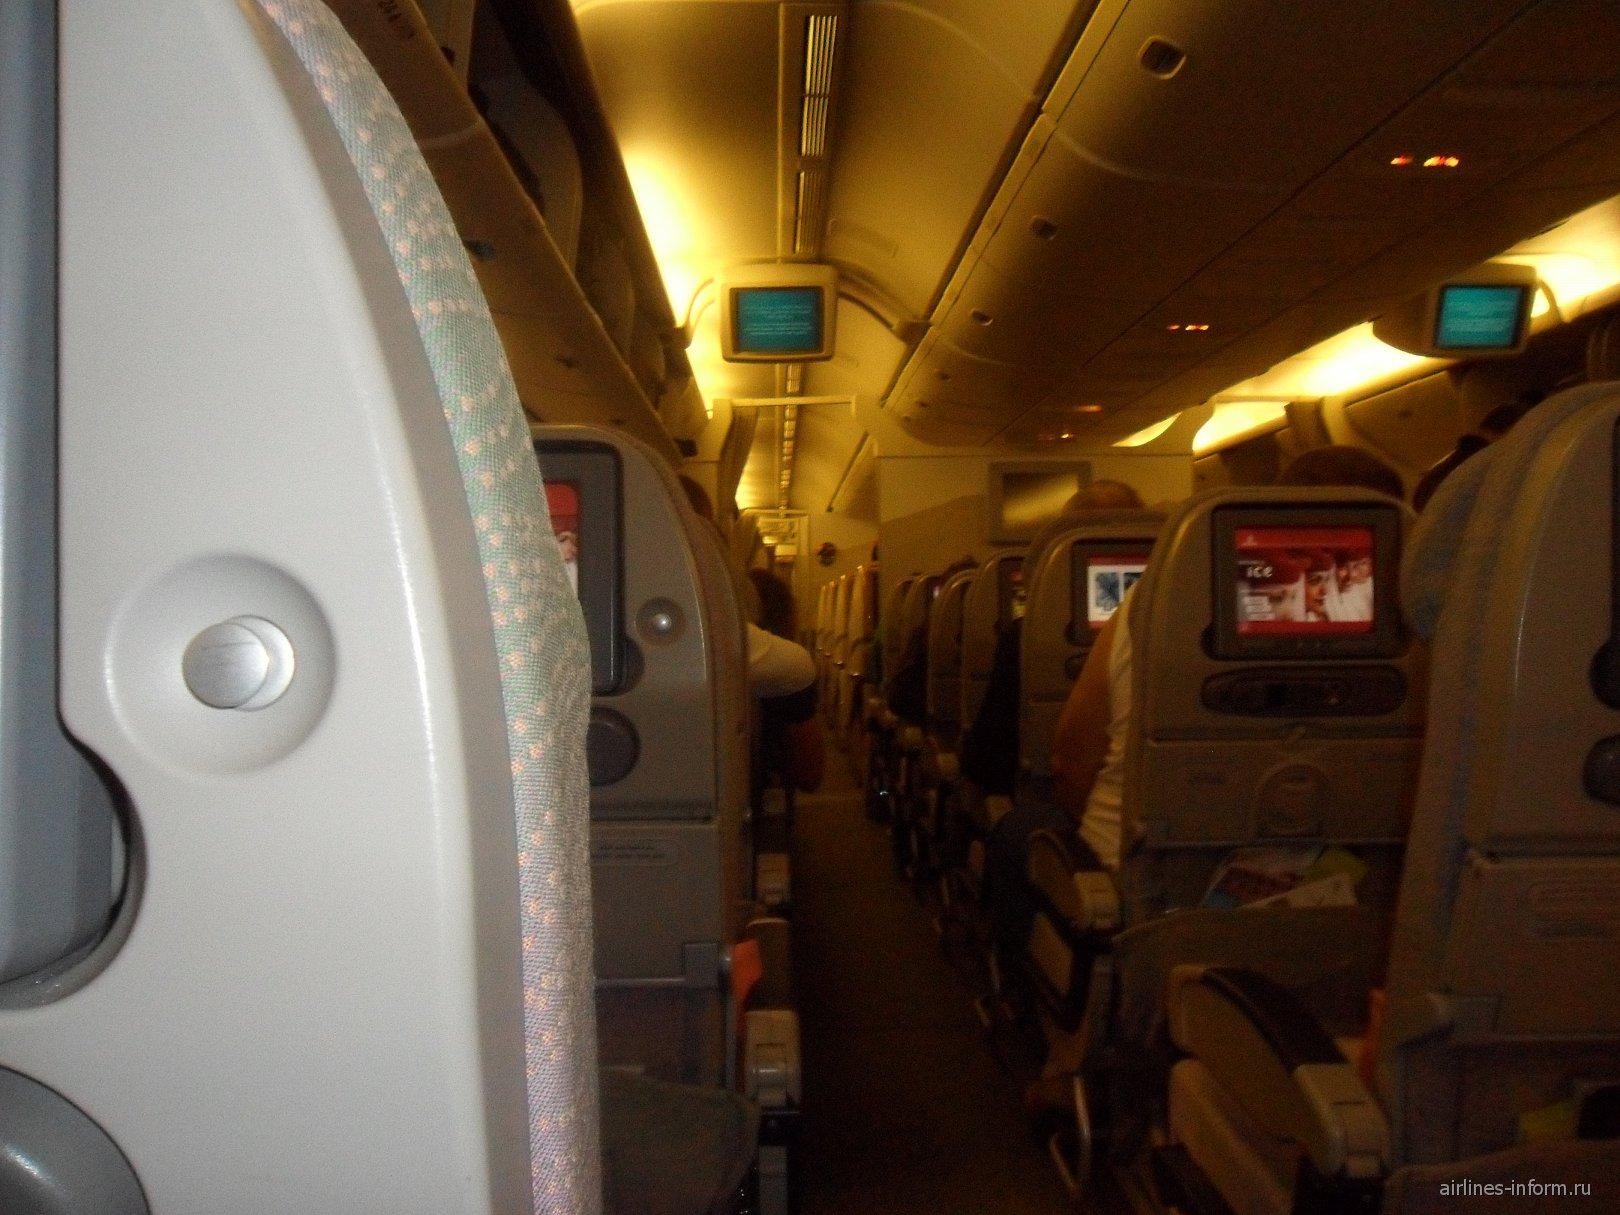 Салон самолета Боинг-777-200 авиакомпании Emirates